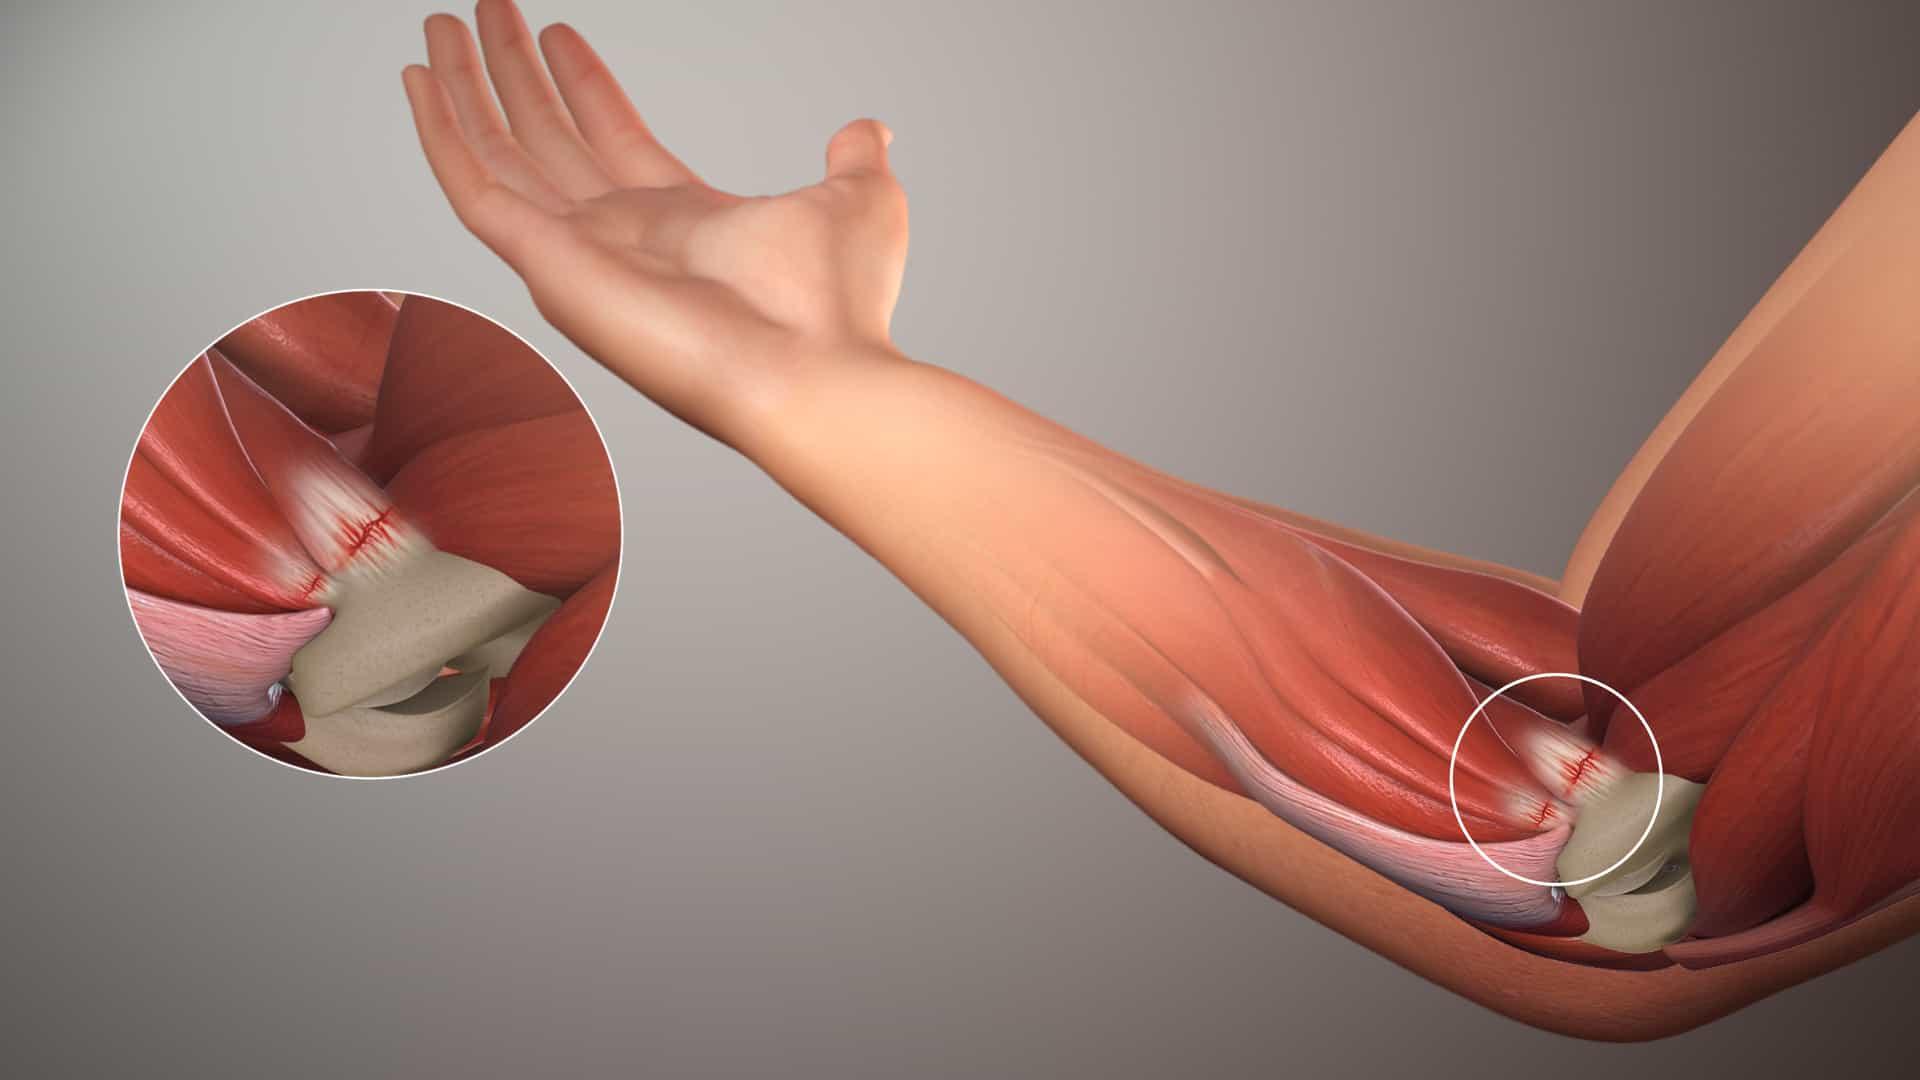 Hình ảnh mô tả khớp khuỷu tay